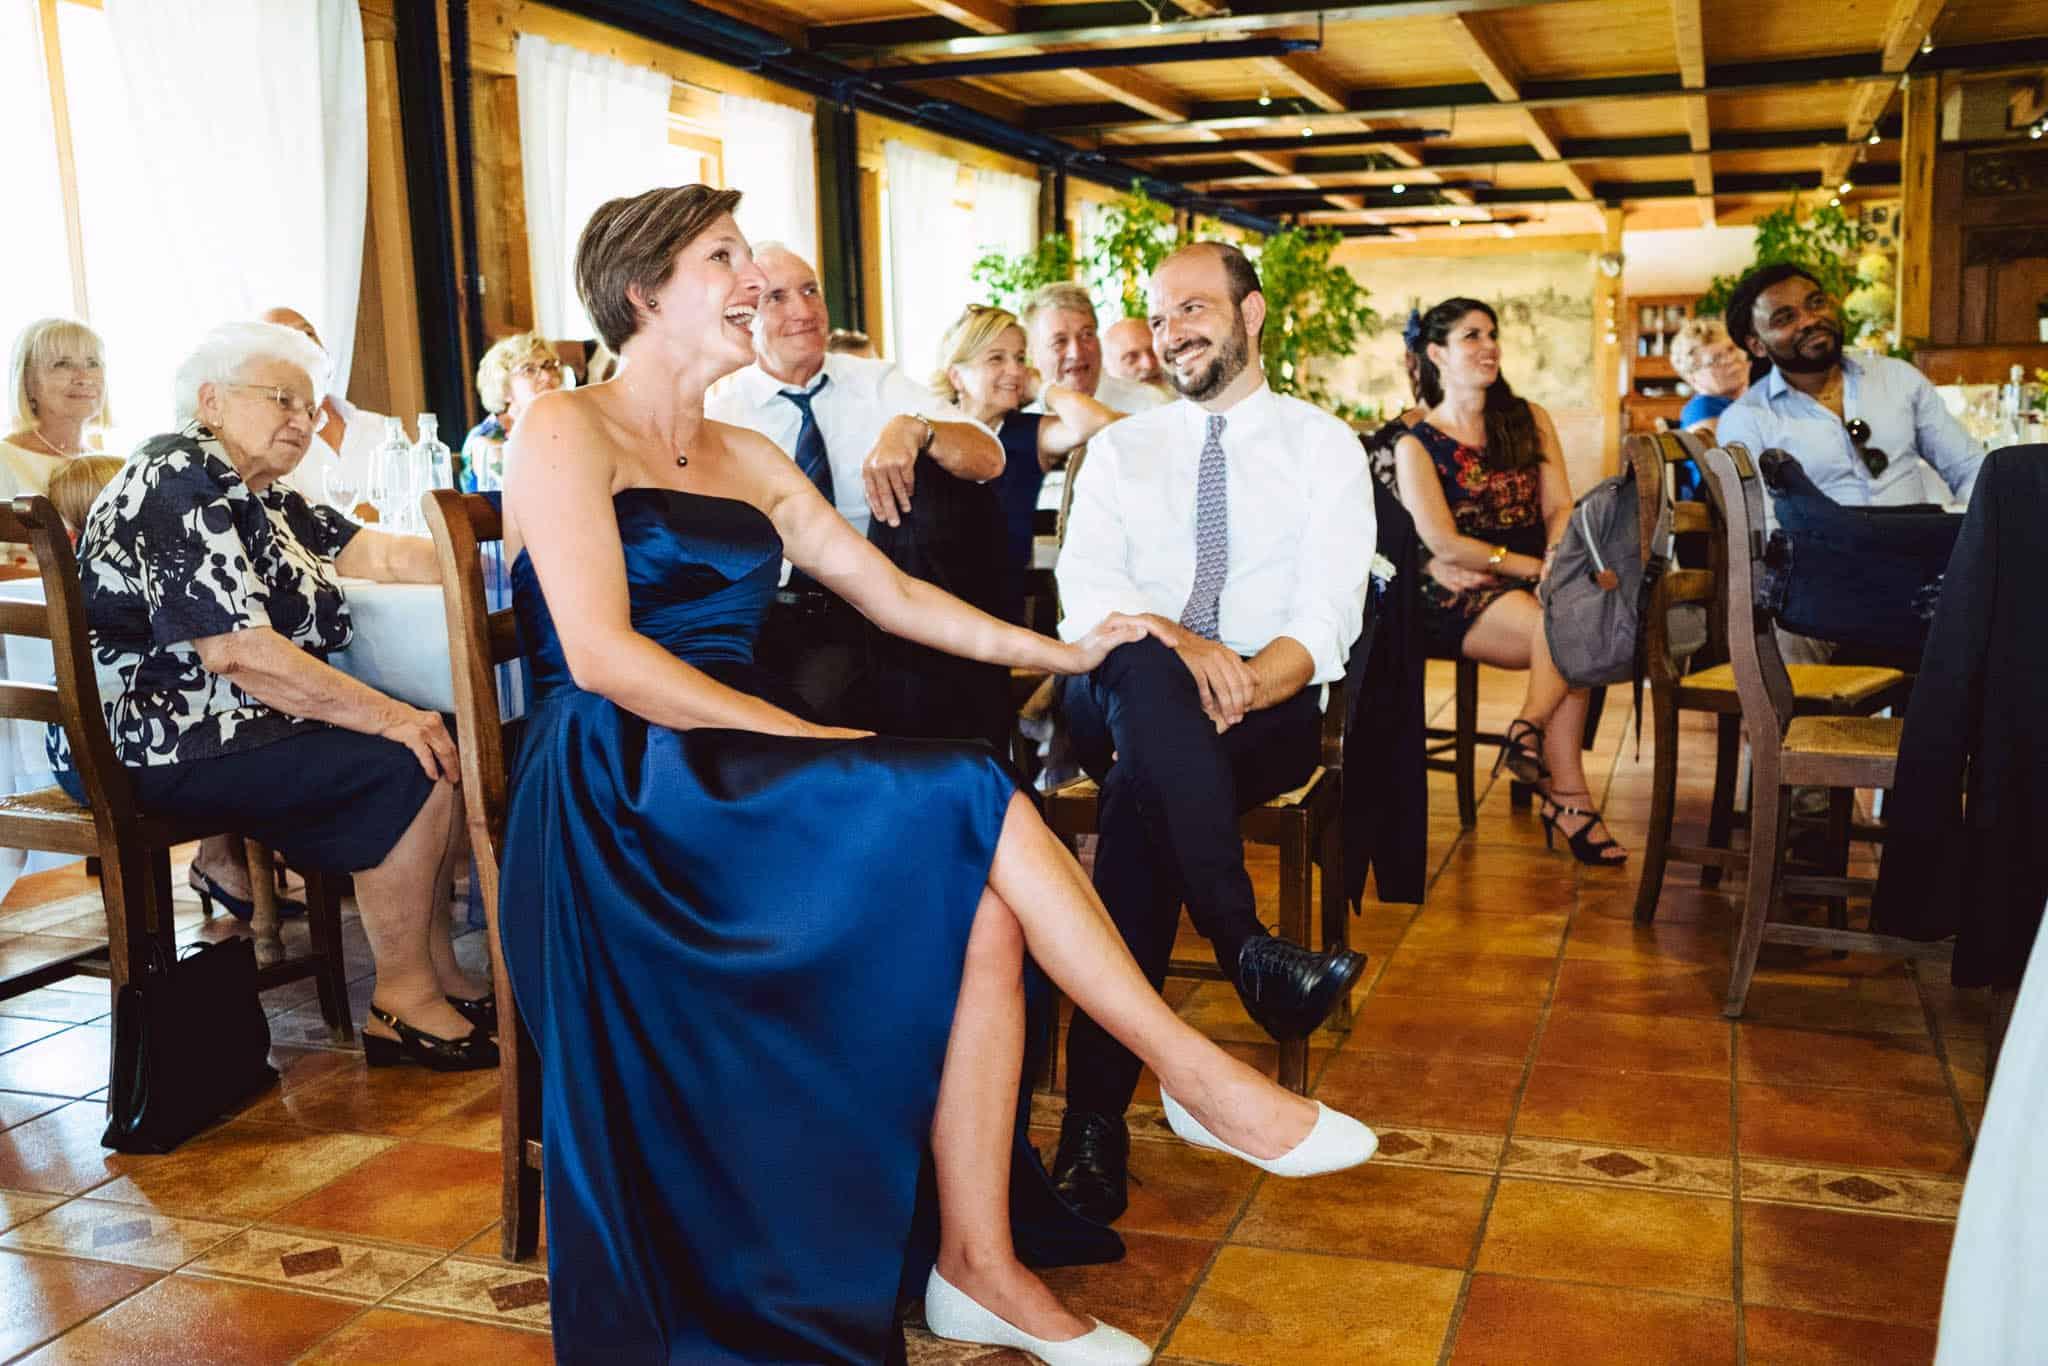 matrimonio valpolicella verona Costa degli ulivi 0037